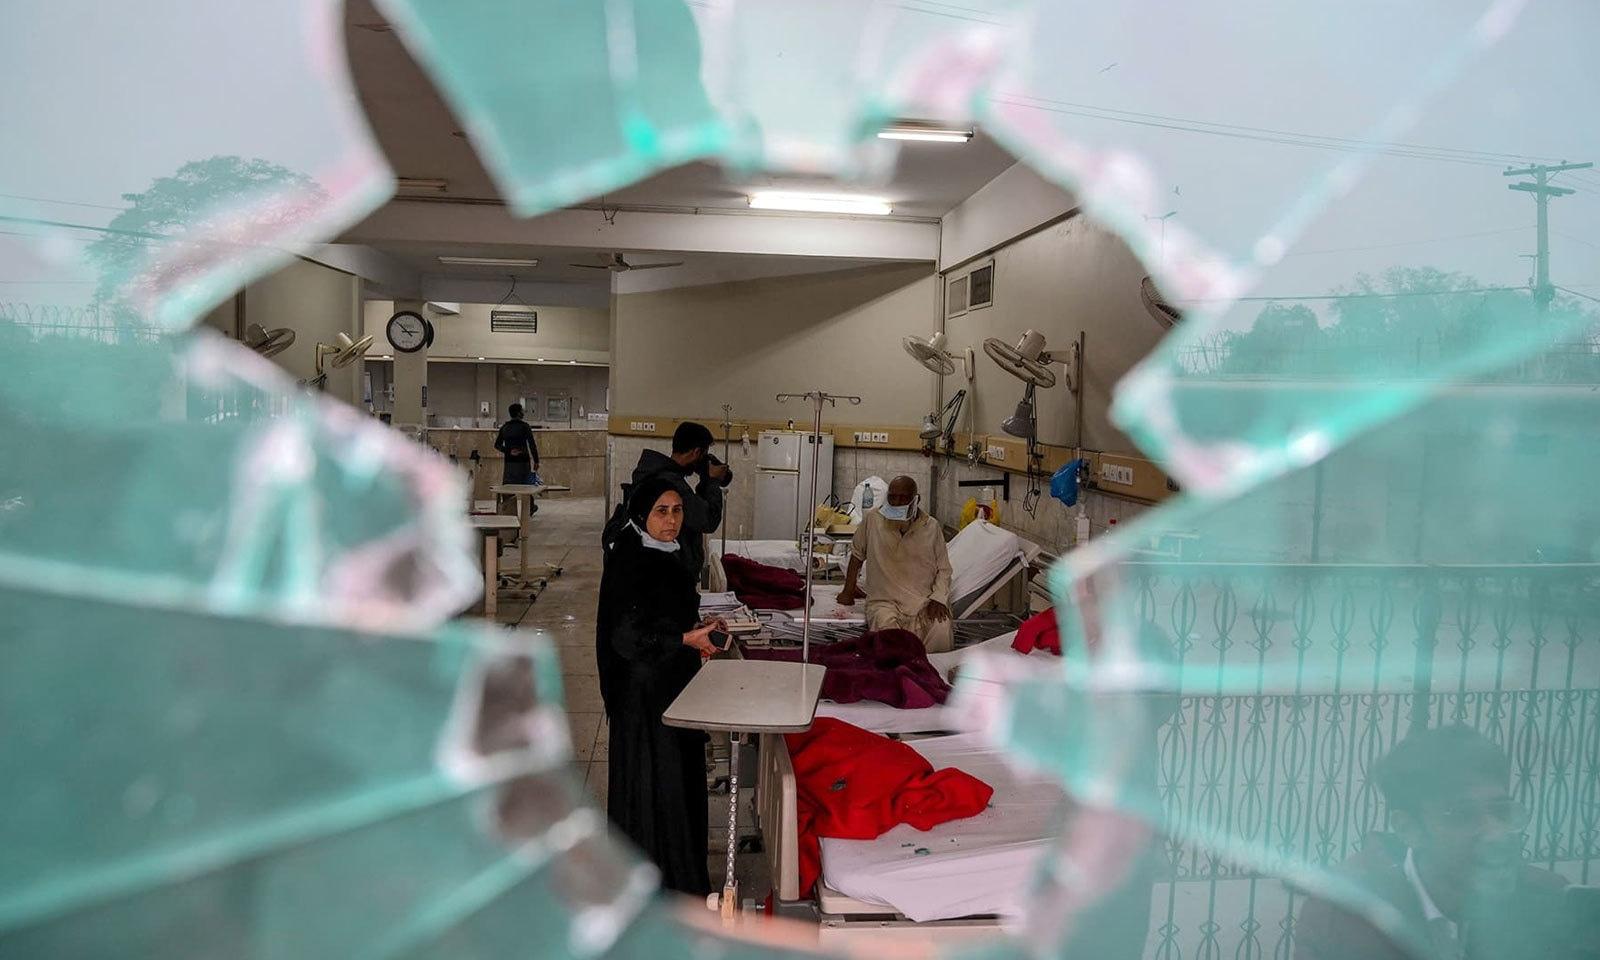 وکلا نے نہ صرف ہسپتال پر پتھر برسائے بلکہ ہسپتال کی ایمرجنسی کے شیشے توڑے — فوٹو: اے ایف پی